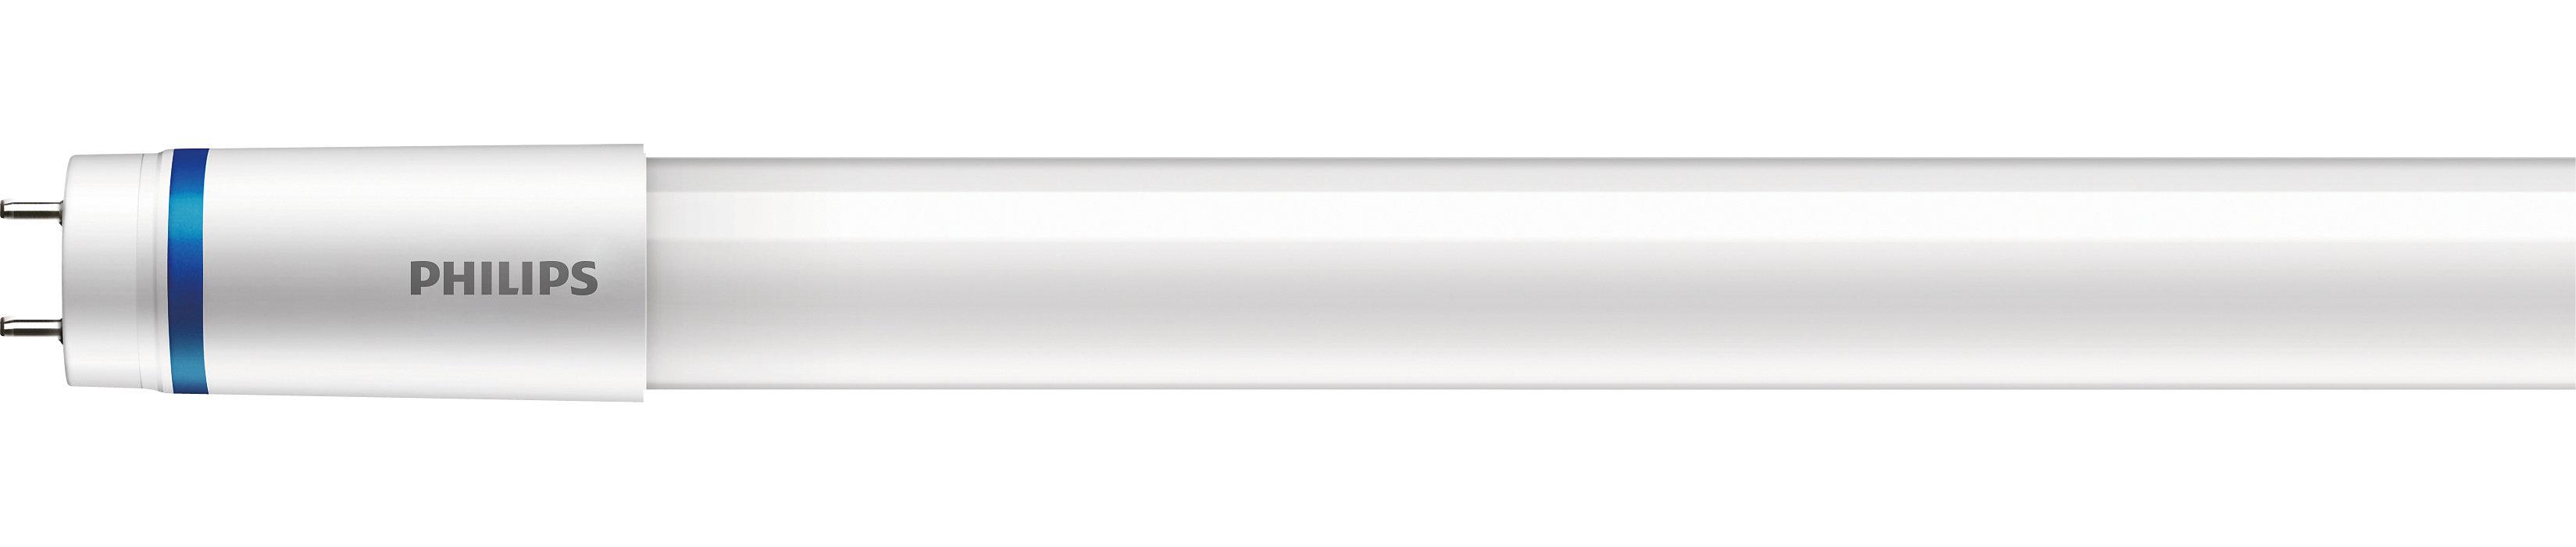 MASTER LEDtube GA -—— 新一代的节能管照明